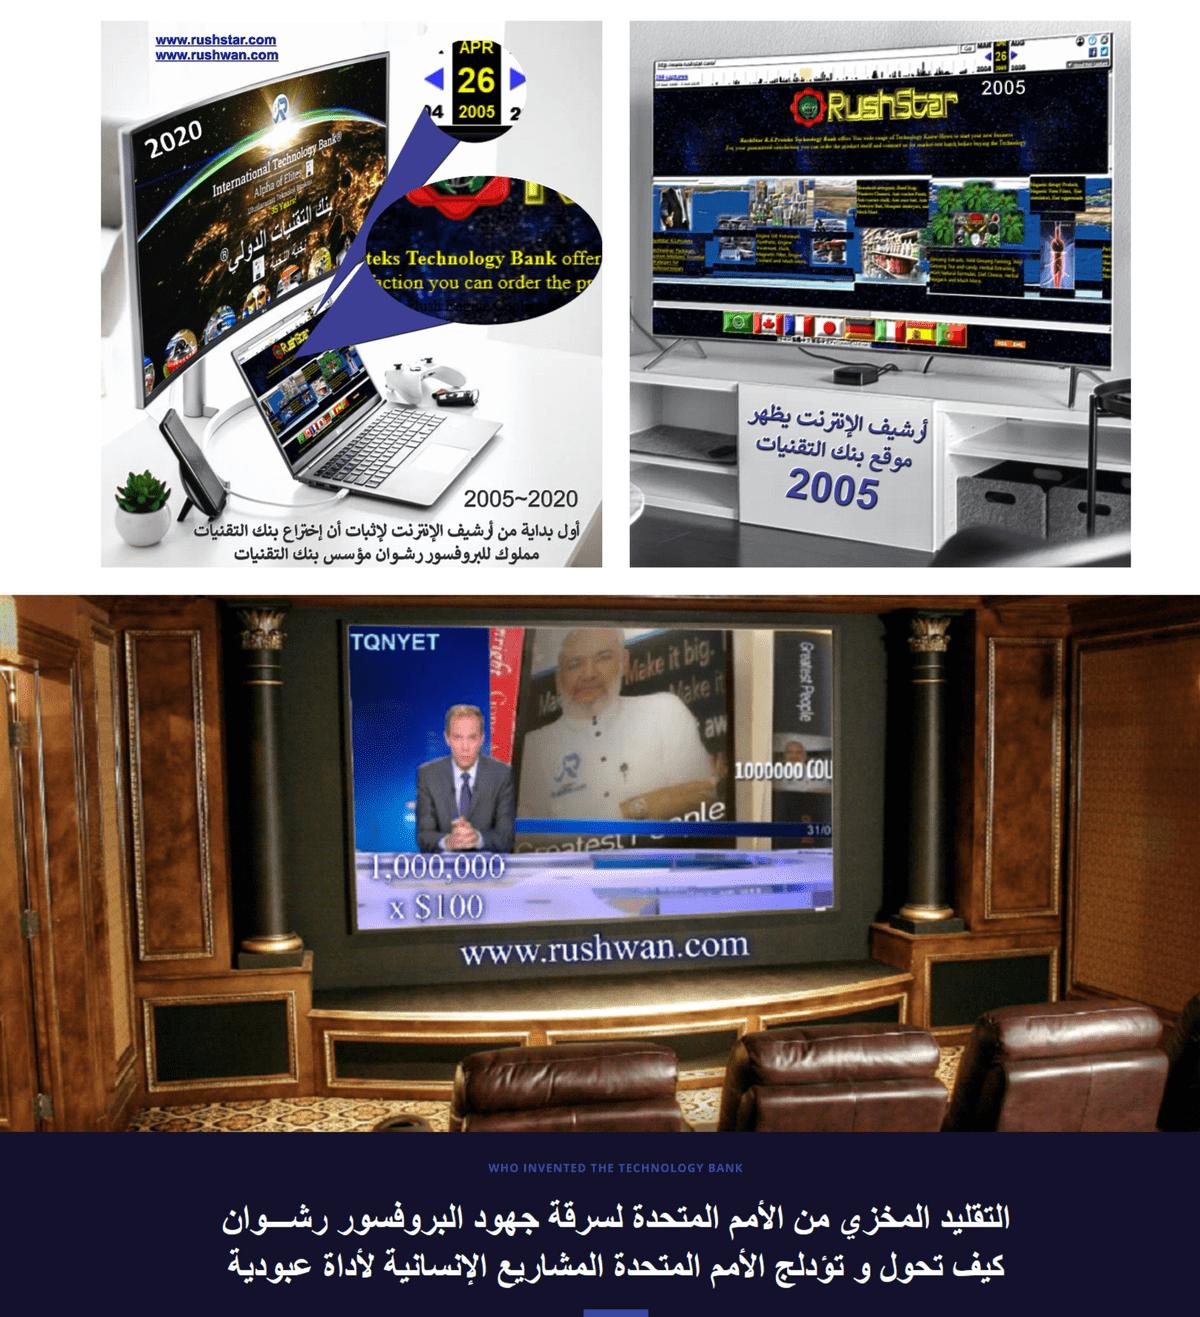 بنك التقنيات أيقونة البروفسور رشــوان ملك للامة الإسلامية L